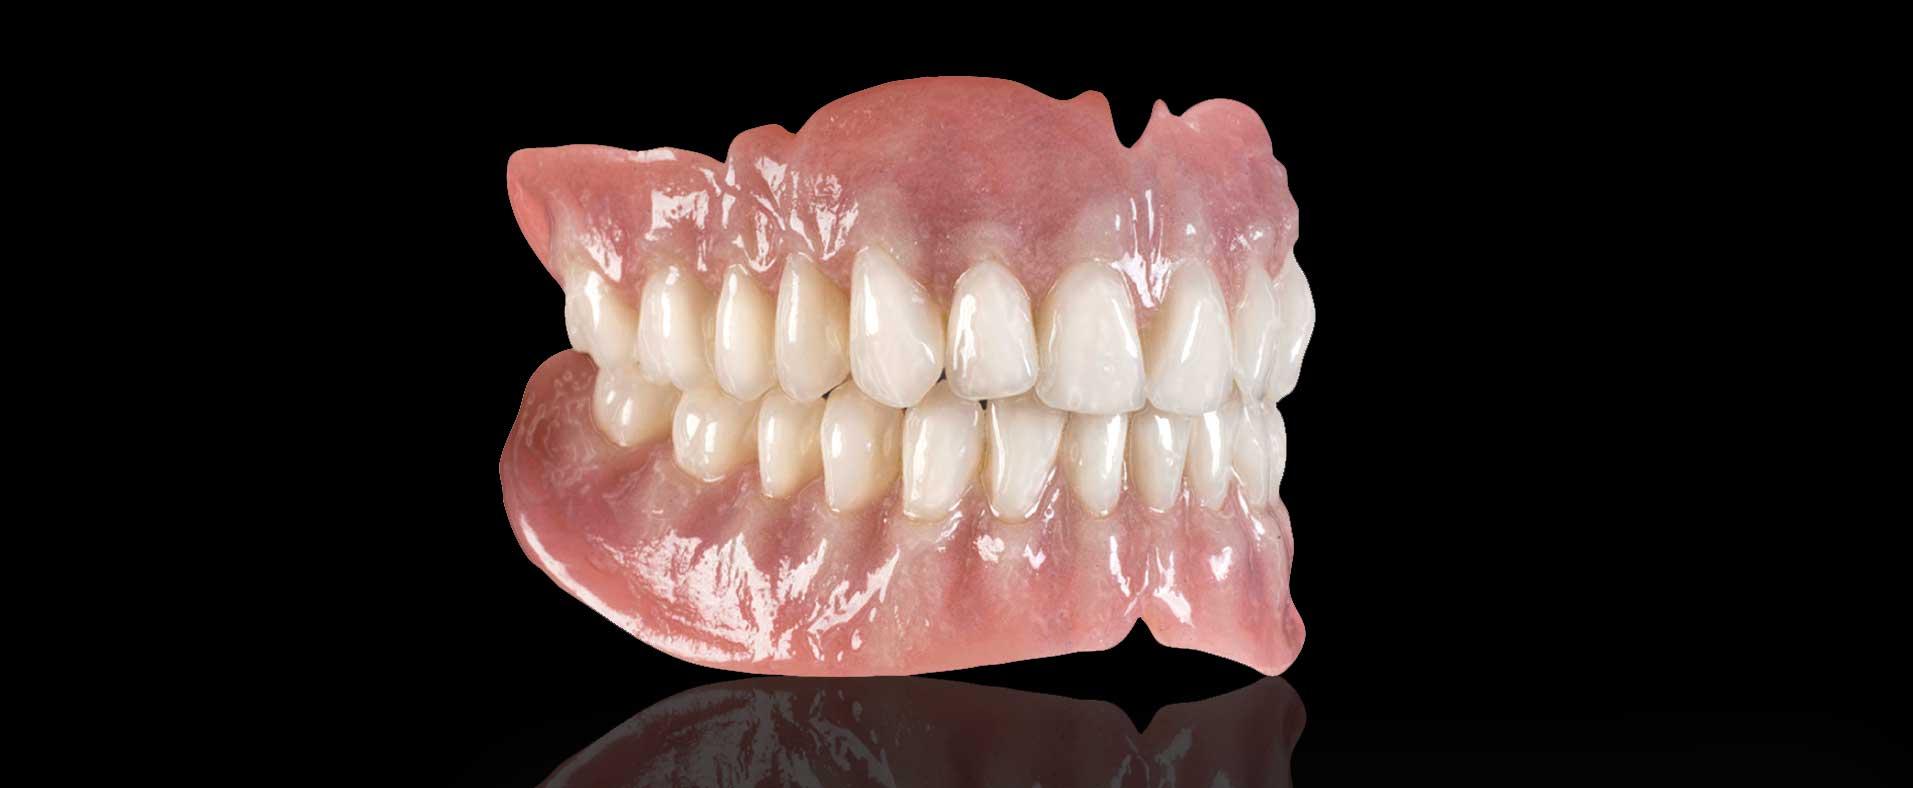 انواع دندان مصنوعی